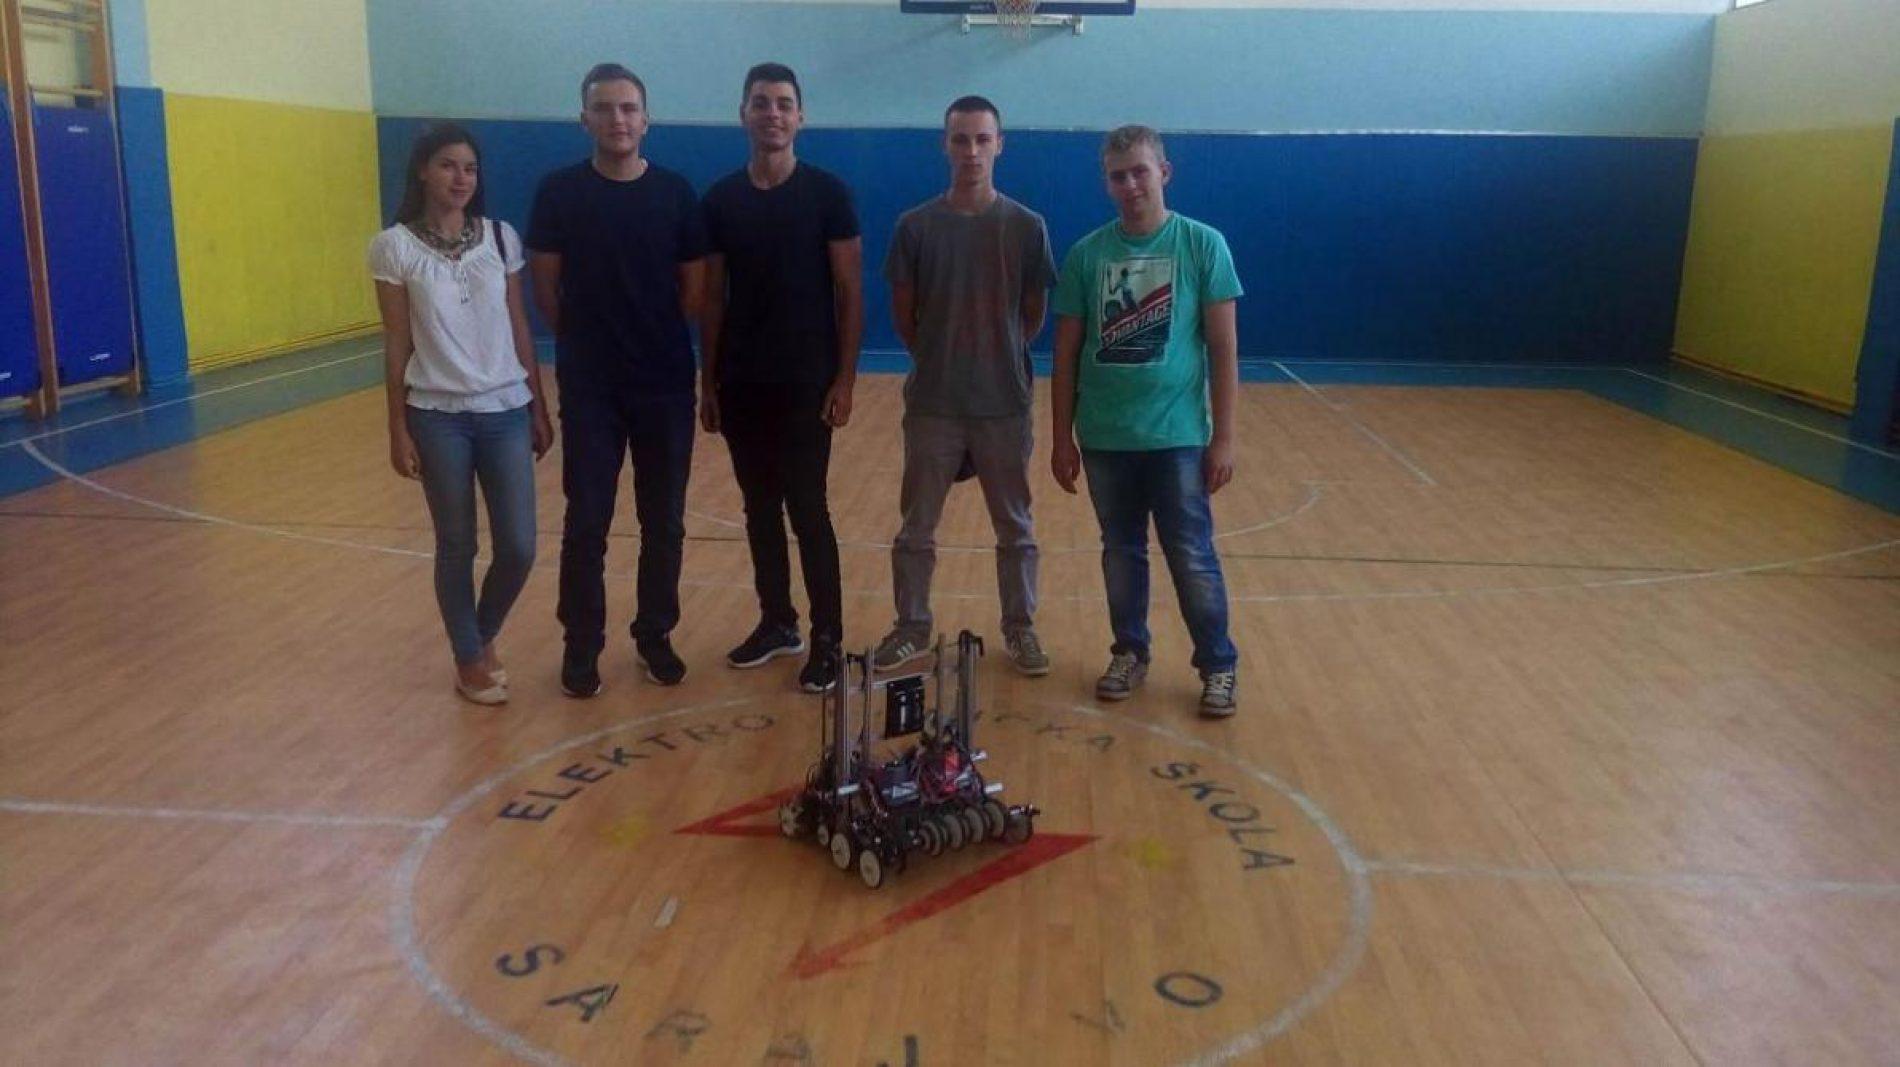 Učenici sarajevske Elektrotehničke škole spremni za takmičenje u Americi: Pogledajte robota kojeg su napravili